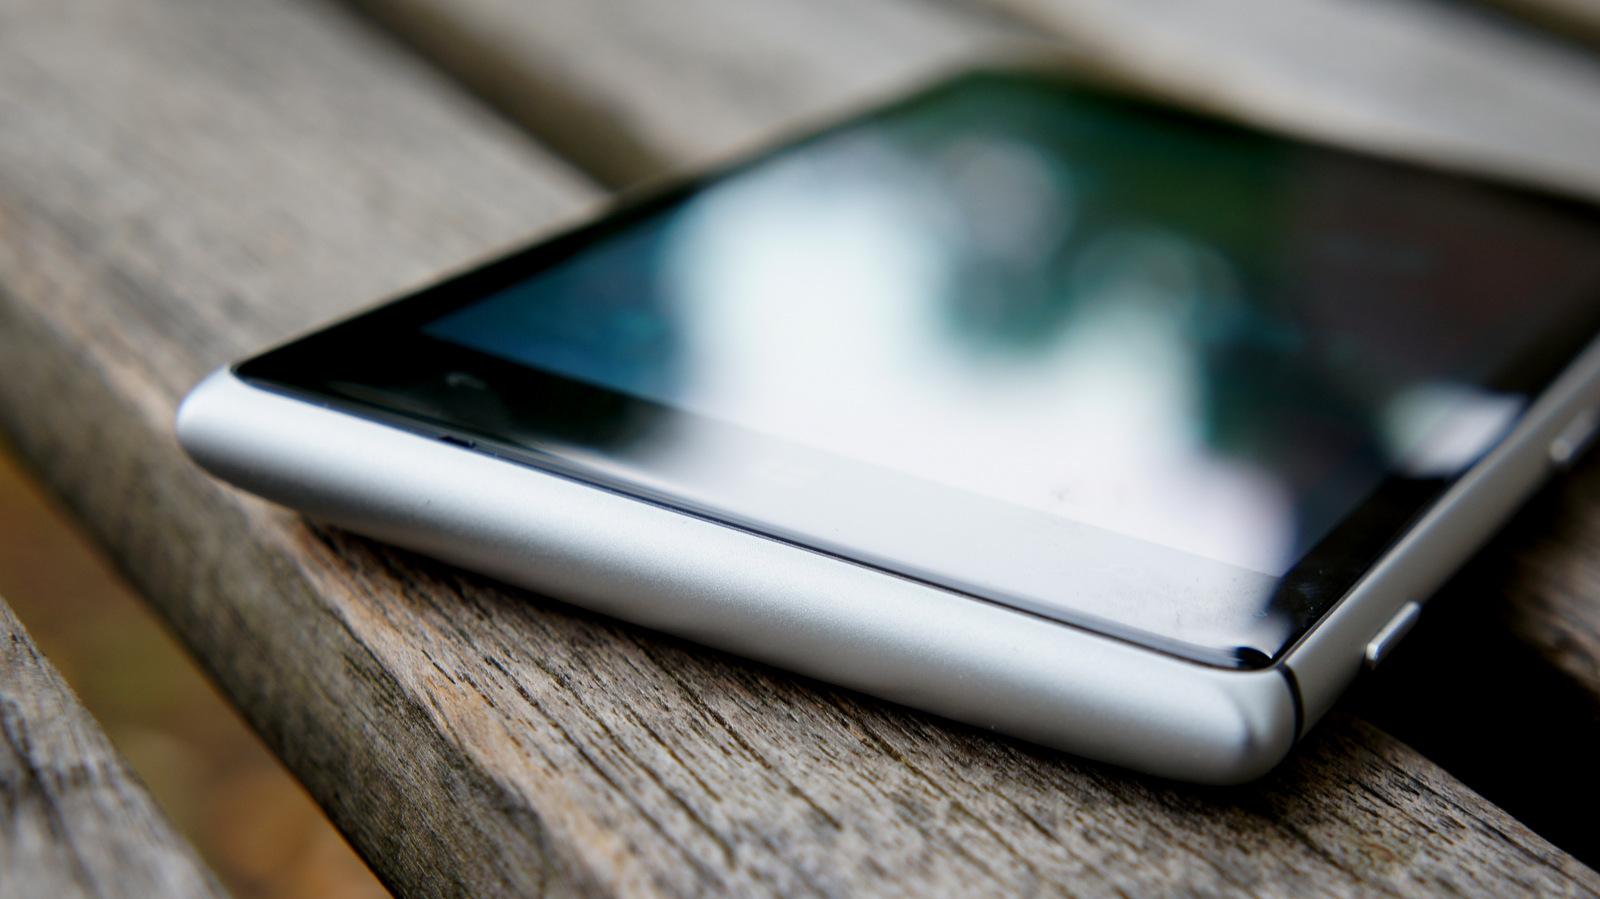 Nokia Lumia 925 Outdoor